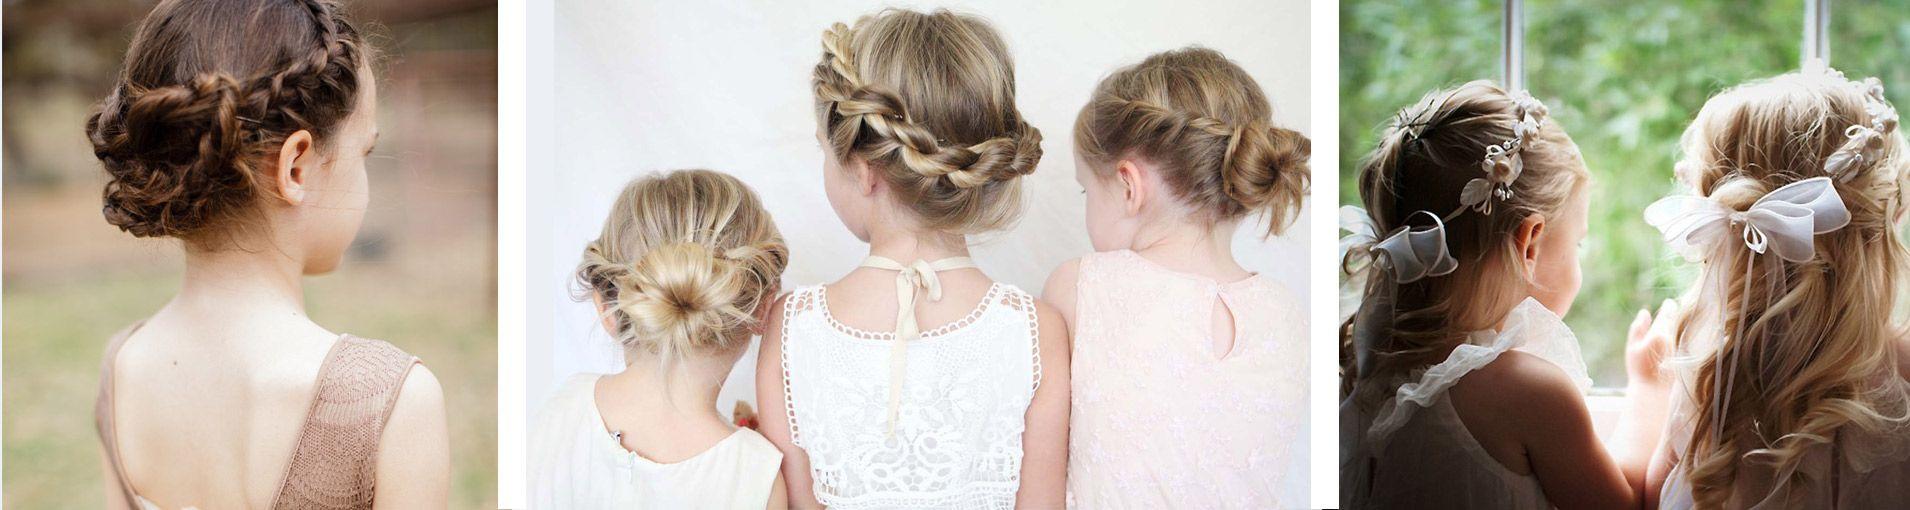 O Penteado Para Daminha De Casamento Ideal Para Cada Idade